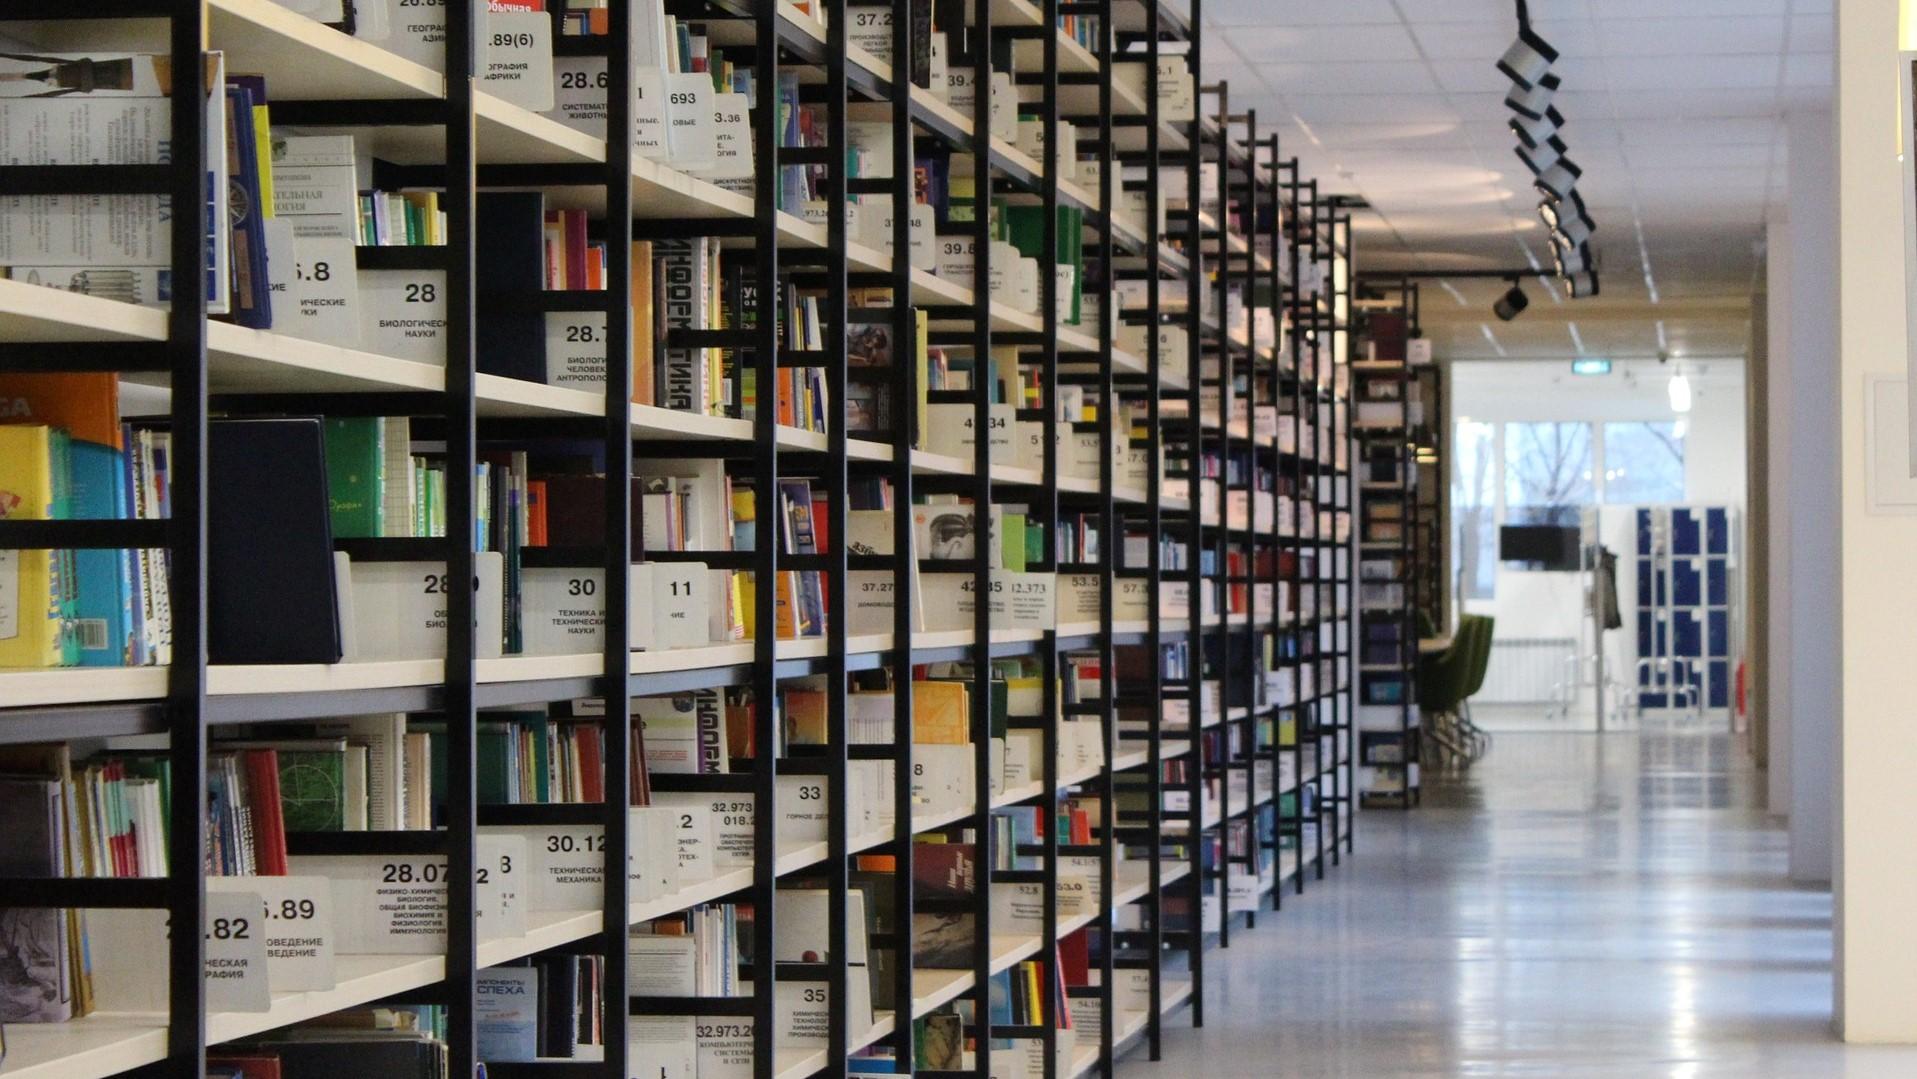 Lavorano Spesso Alle Finestre bibliotecari resistenti al virus – emergenza cultura